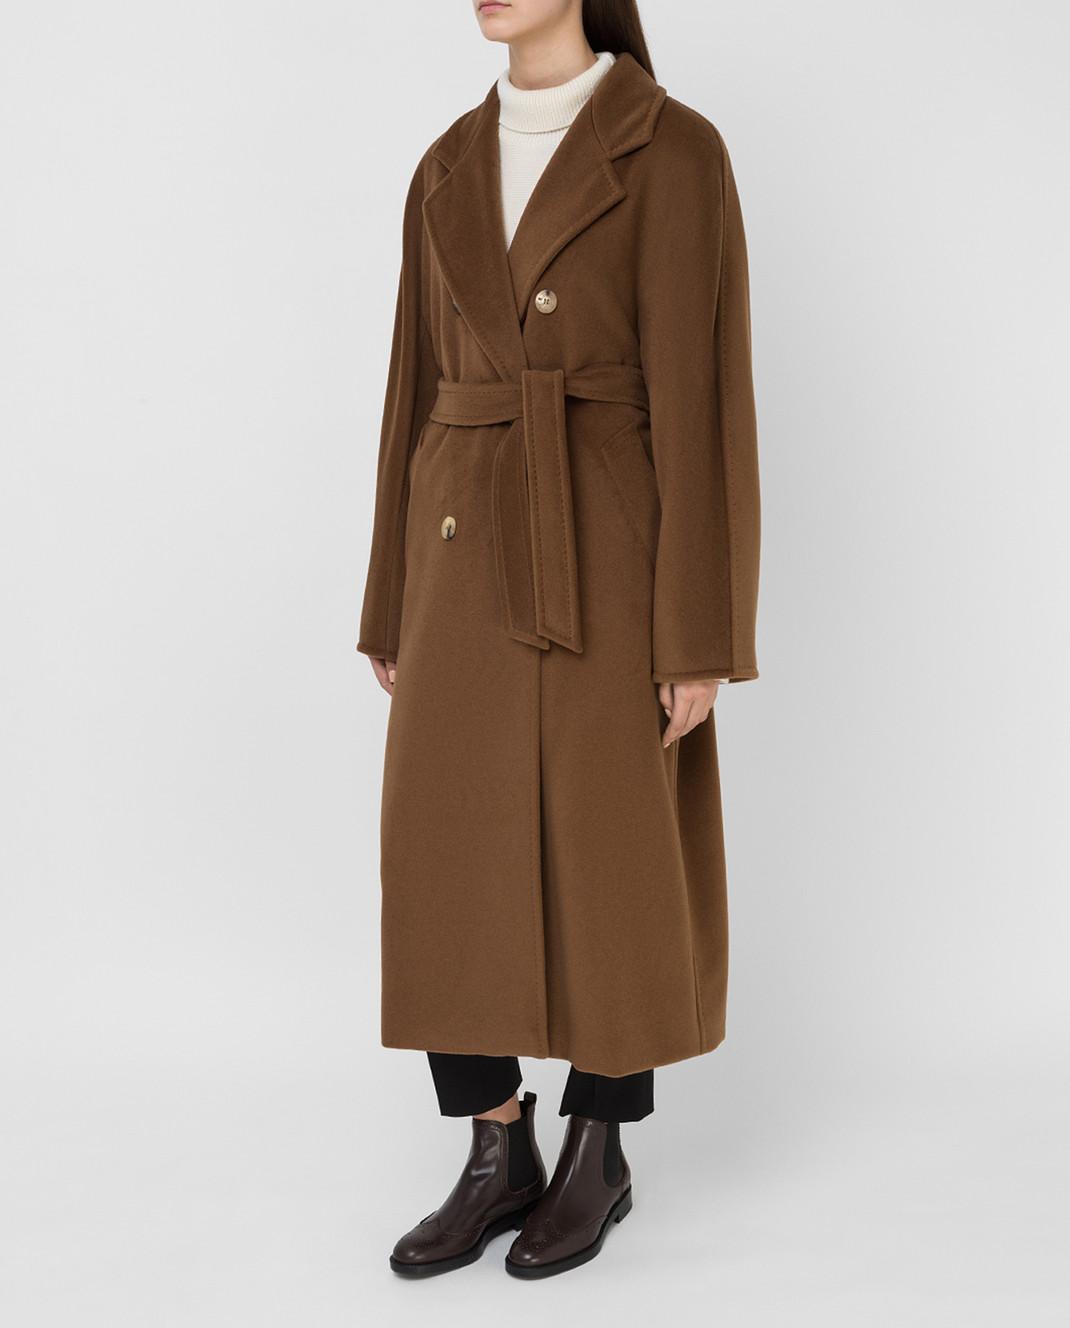 Max Mara Темно-бежевое пальто из шерсти и кашемира изображение 3